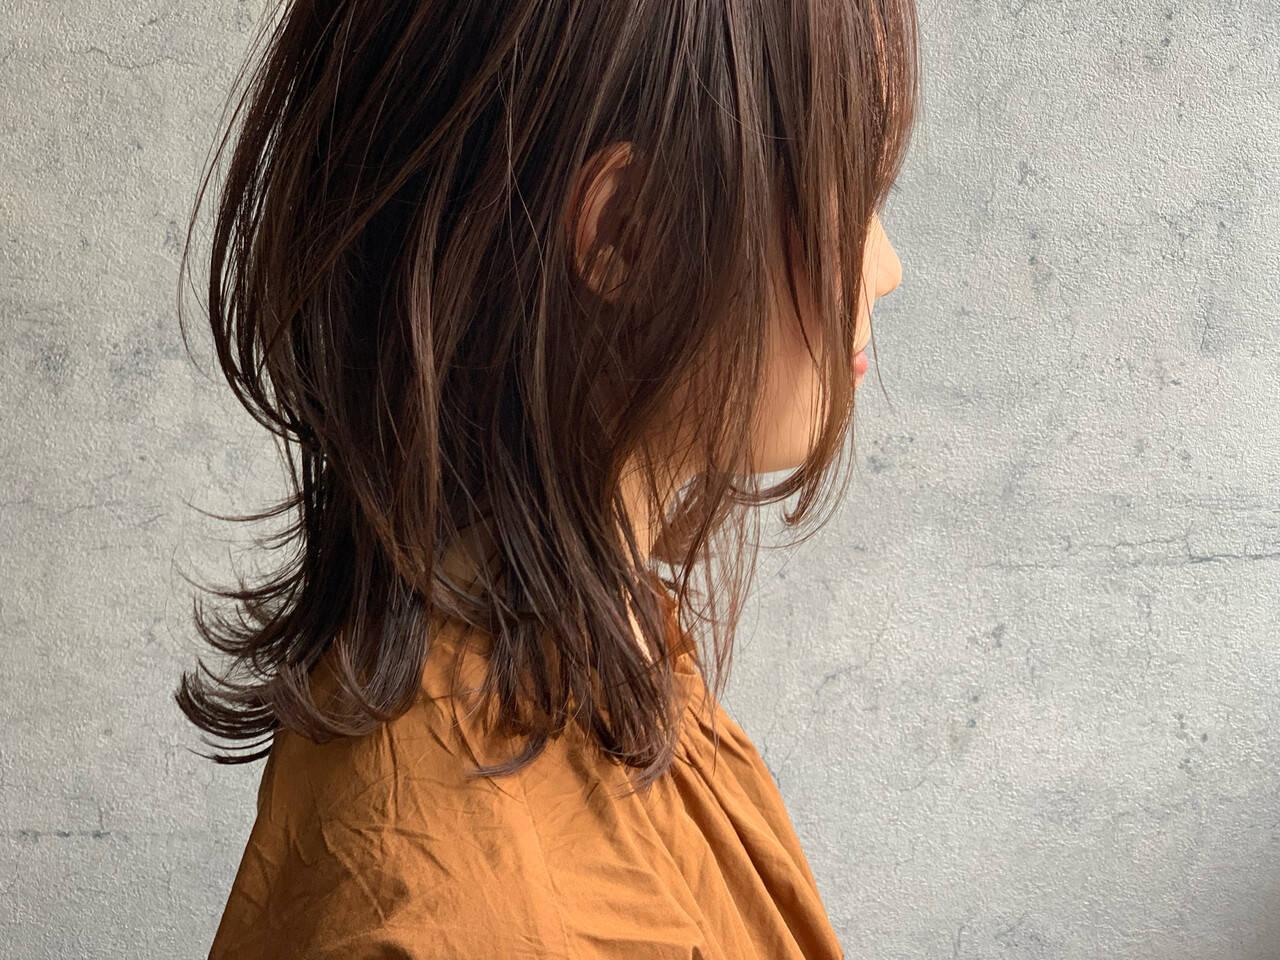 くびれボブ ミディアムレイヤー レイヤーボブ ウルフカットヘアスタイルや髪型の写真・画像